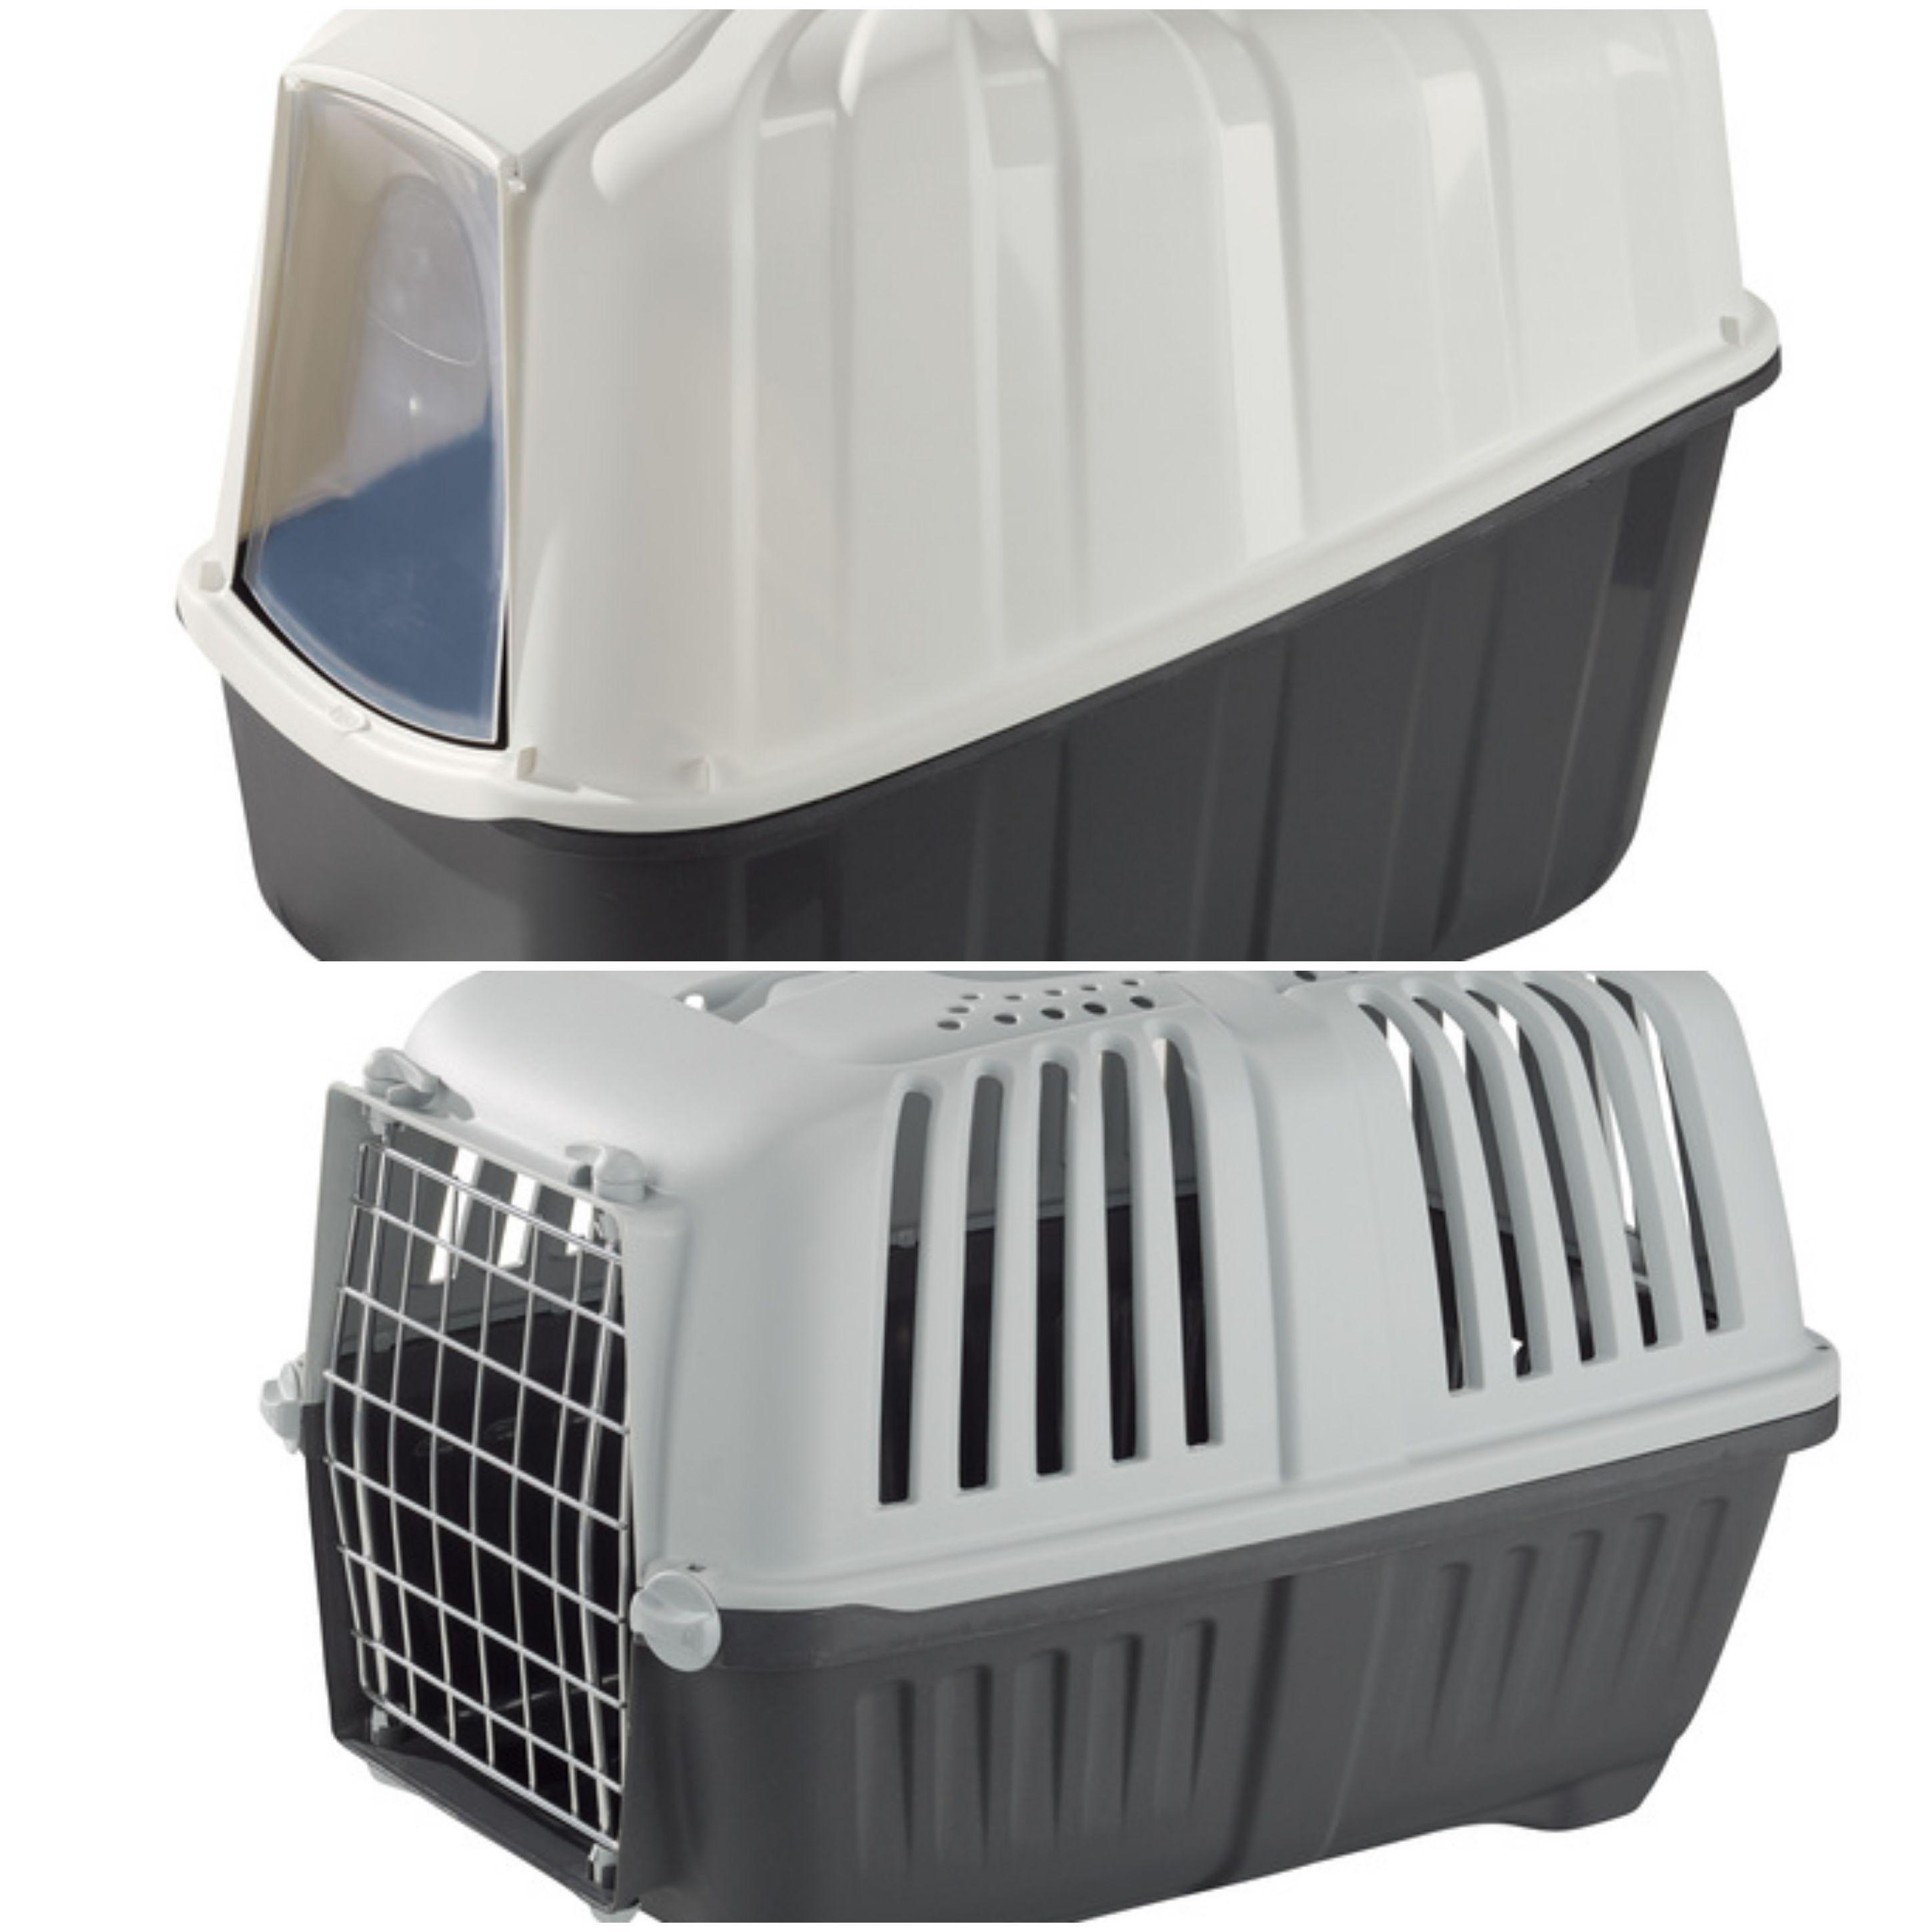 Caisse de transport ou bac à litière pour chat